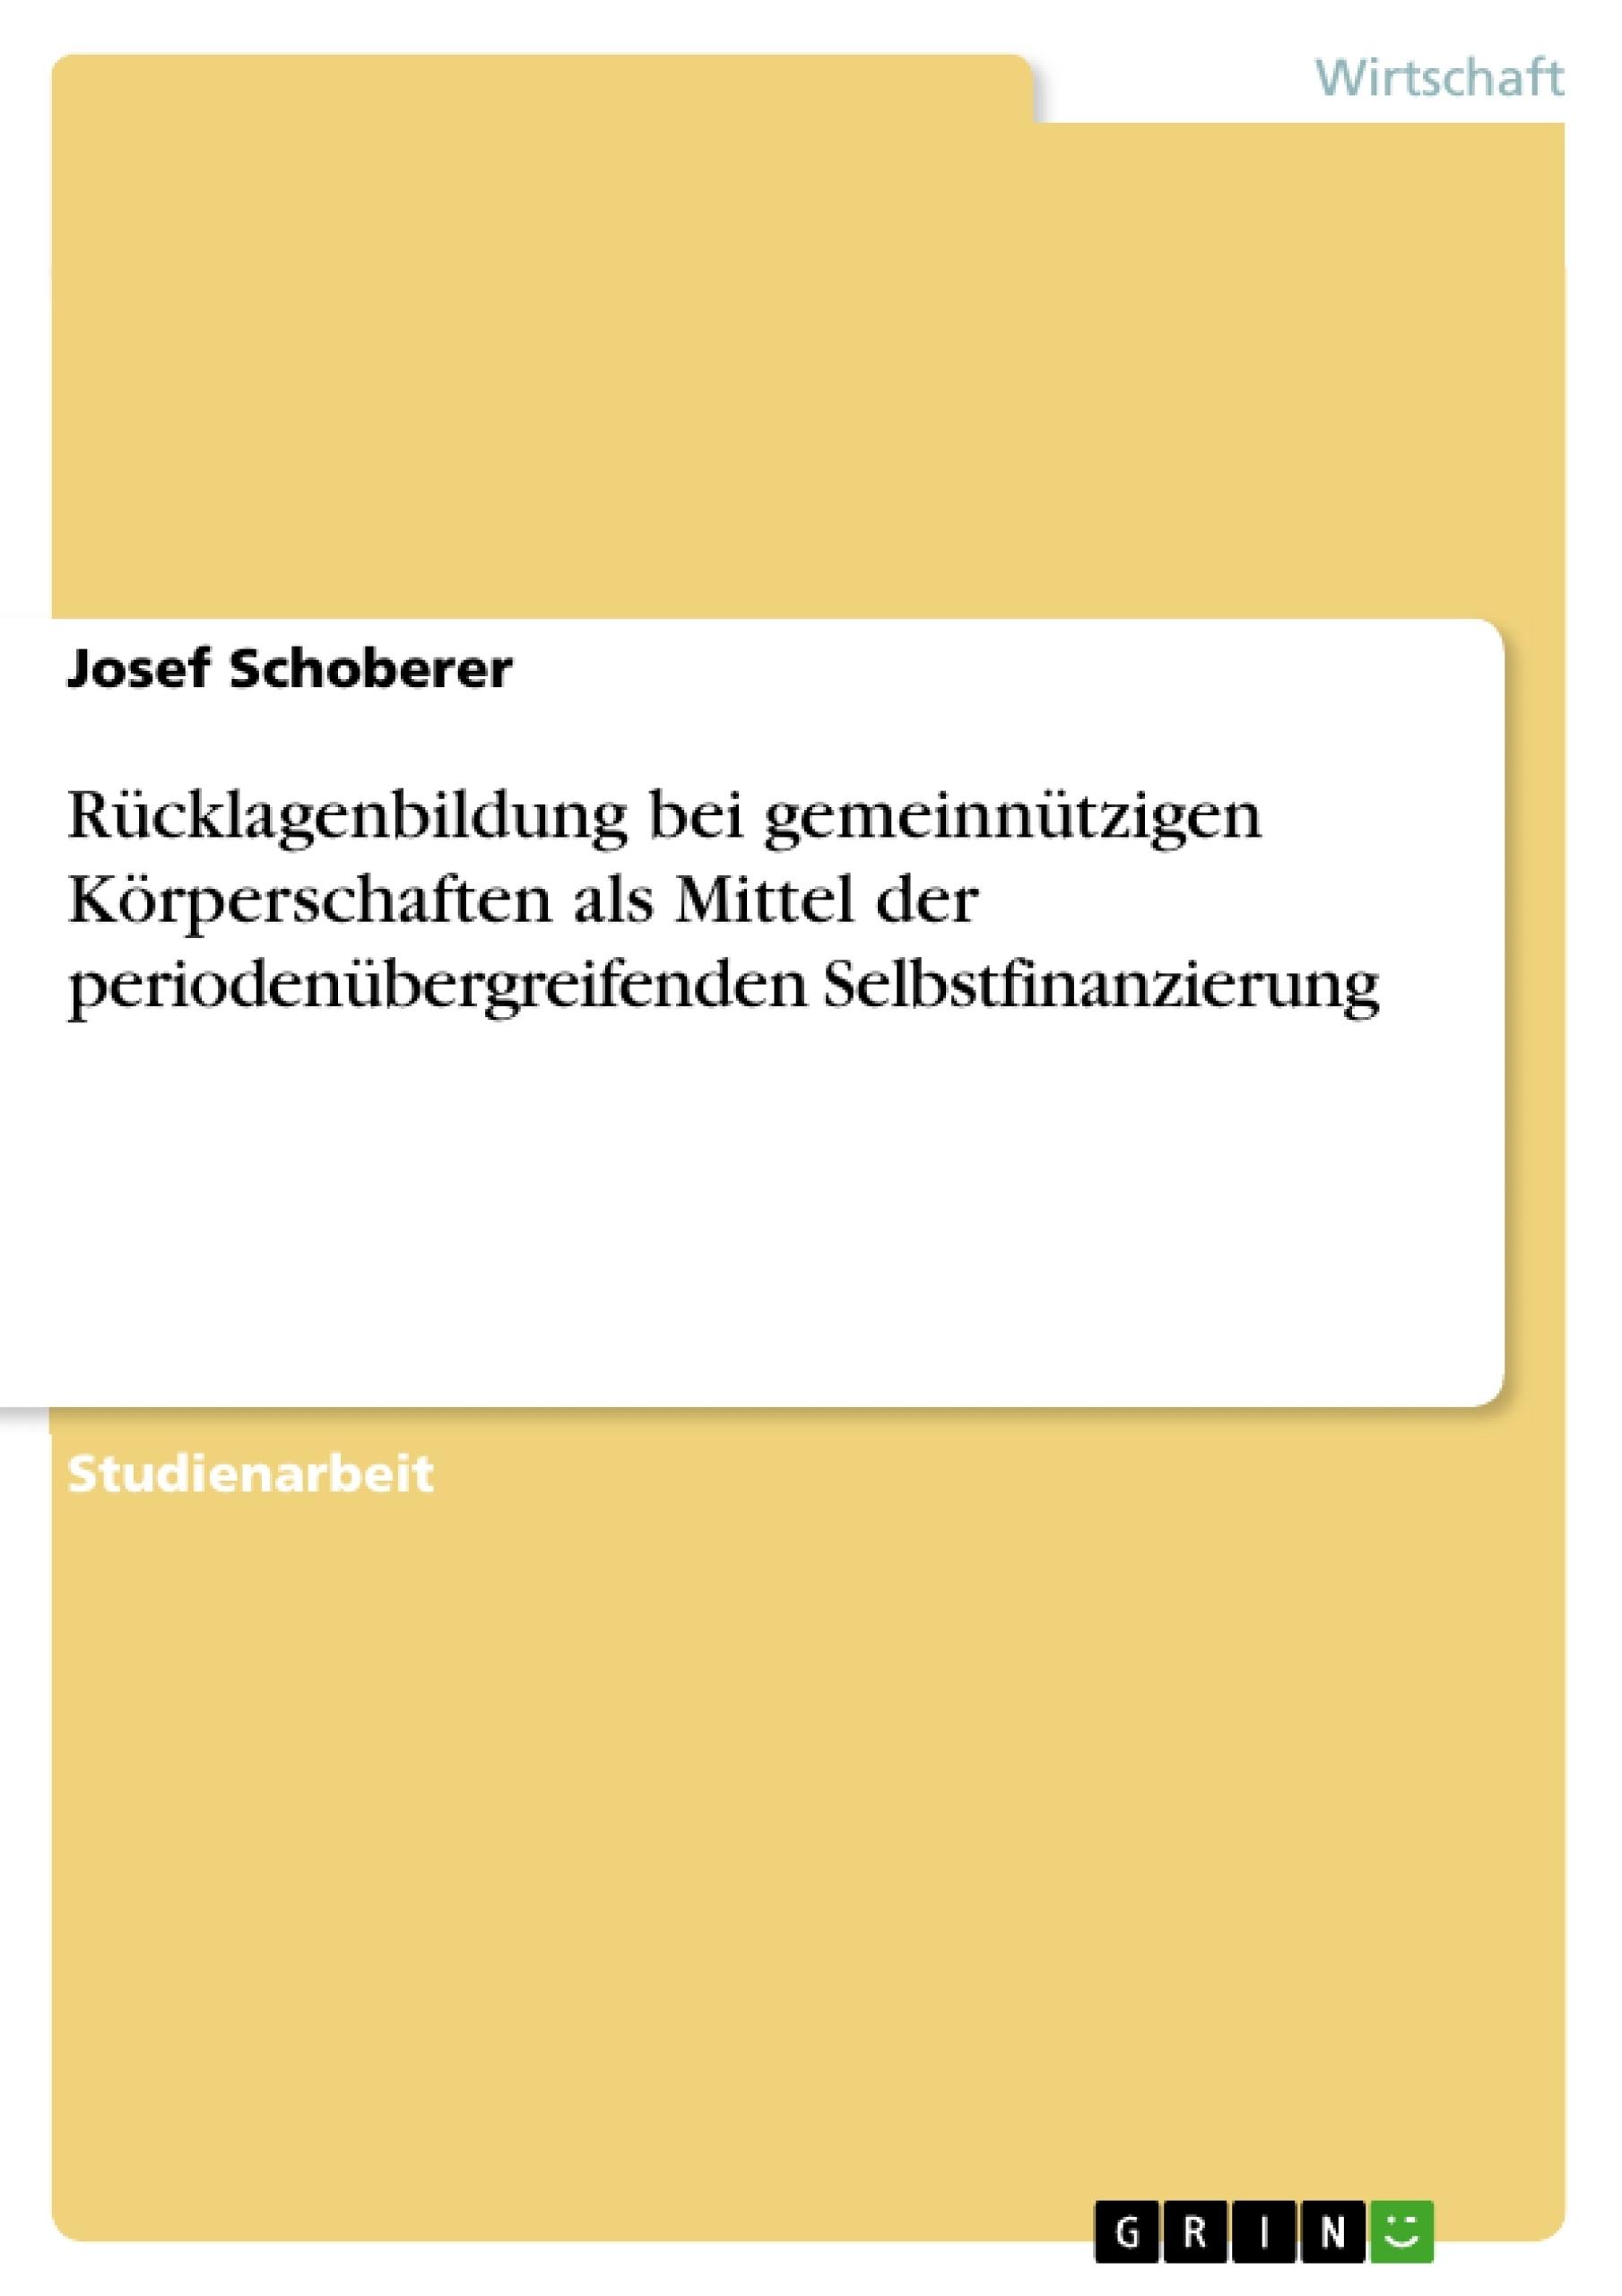 Titel: Rücklagenbildung bei gemeinnützigen Körperschaften als Mittel der periodenübergreifenden Selbstfinanzierung